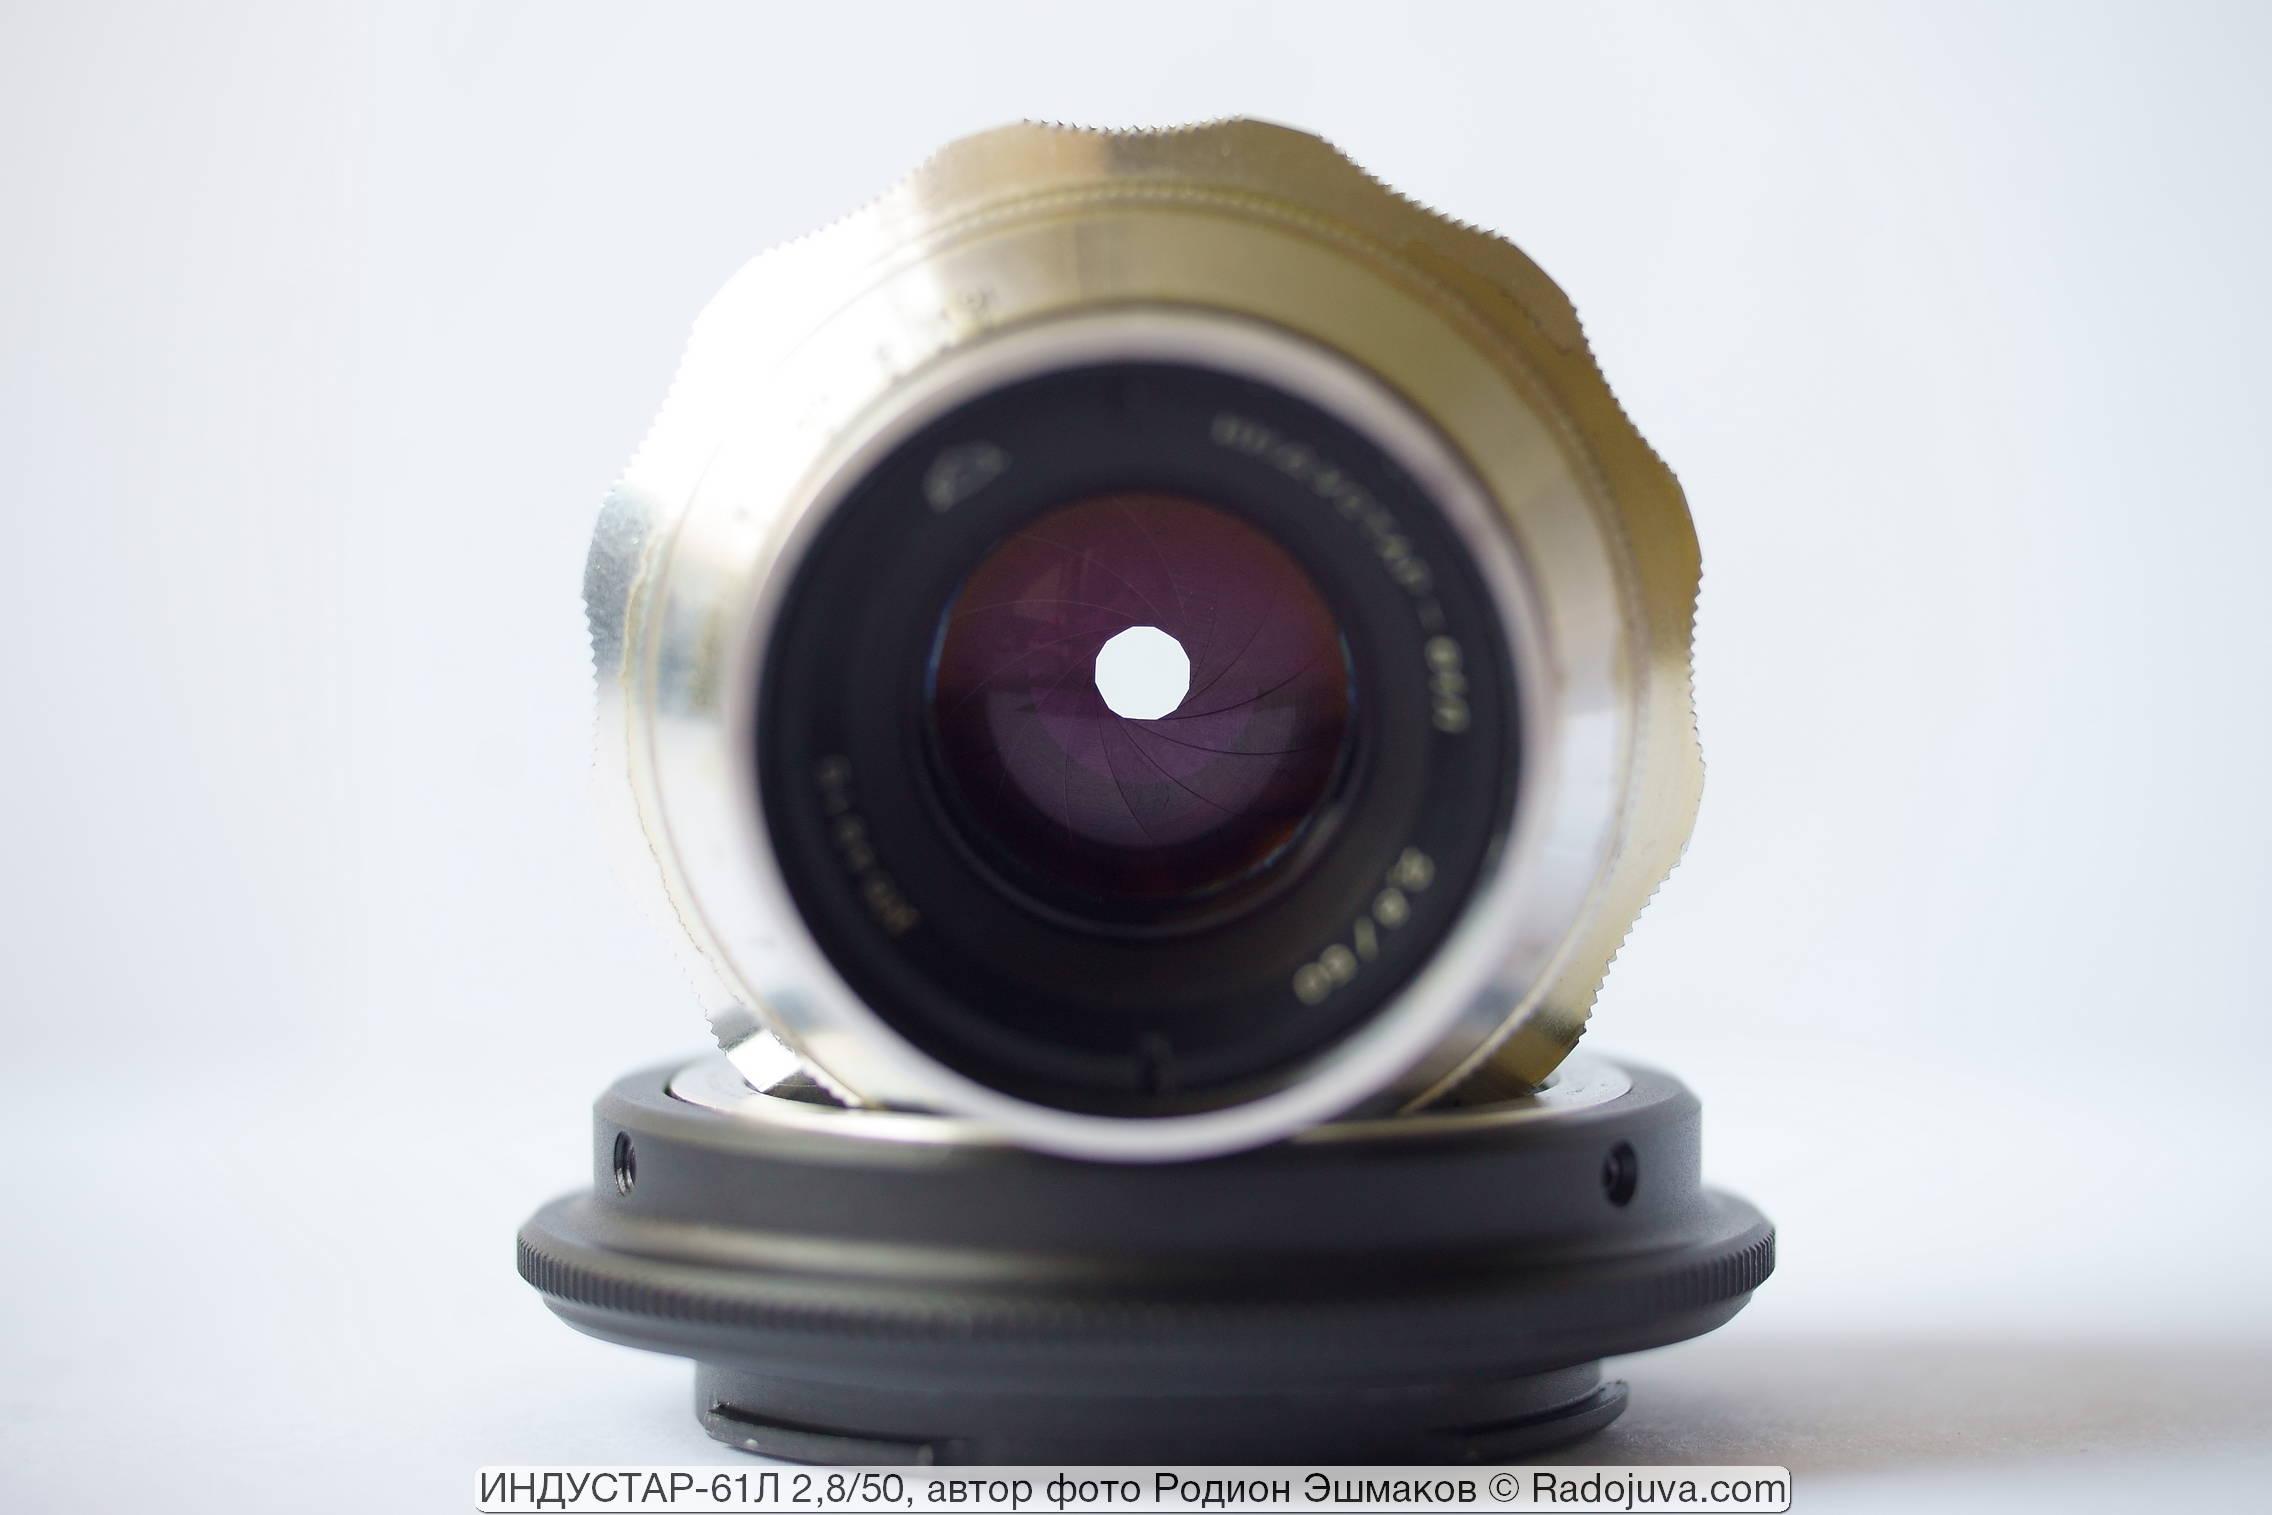 Входной зрачок Индустар-61Л всегда имеет круглую форму благодаря 12 лепесткам диафрагмы.